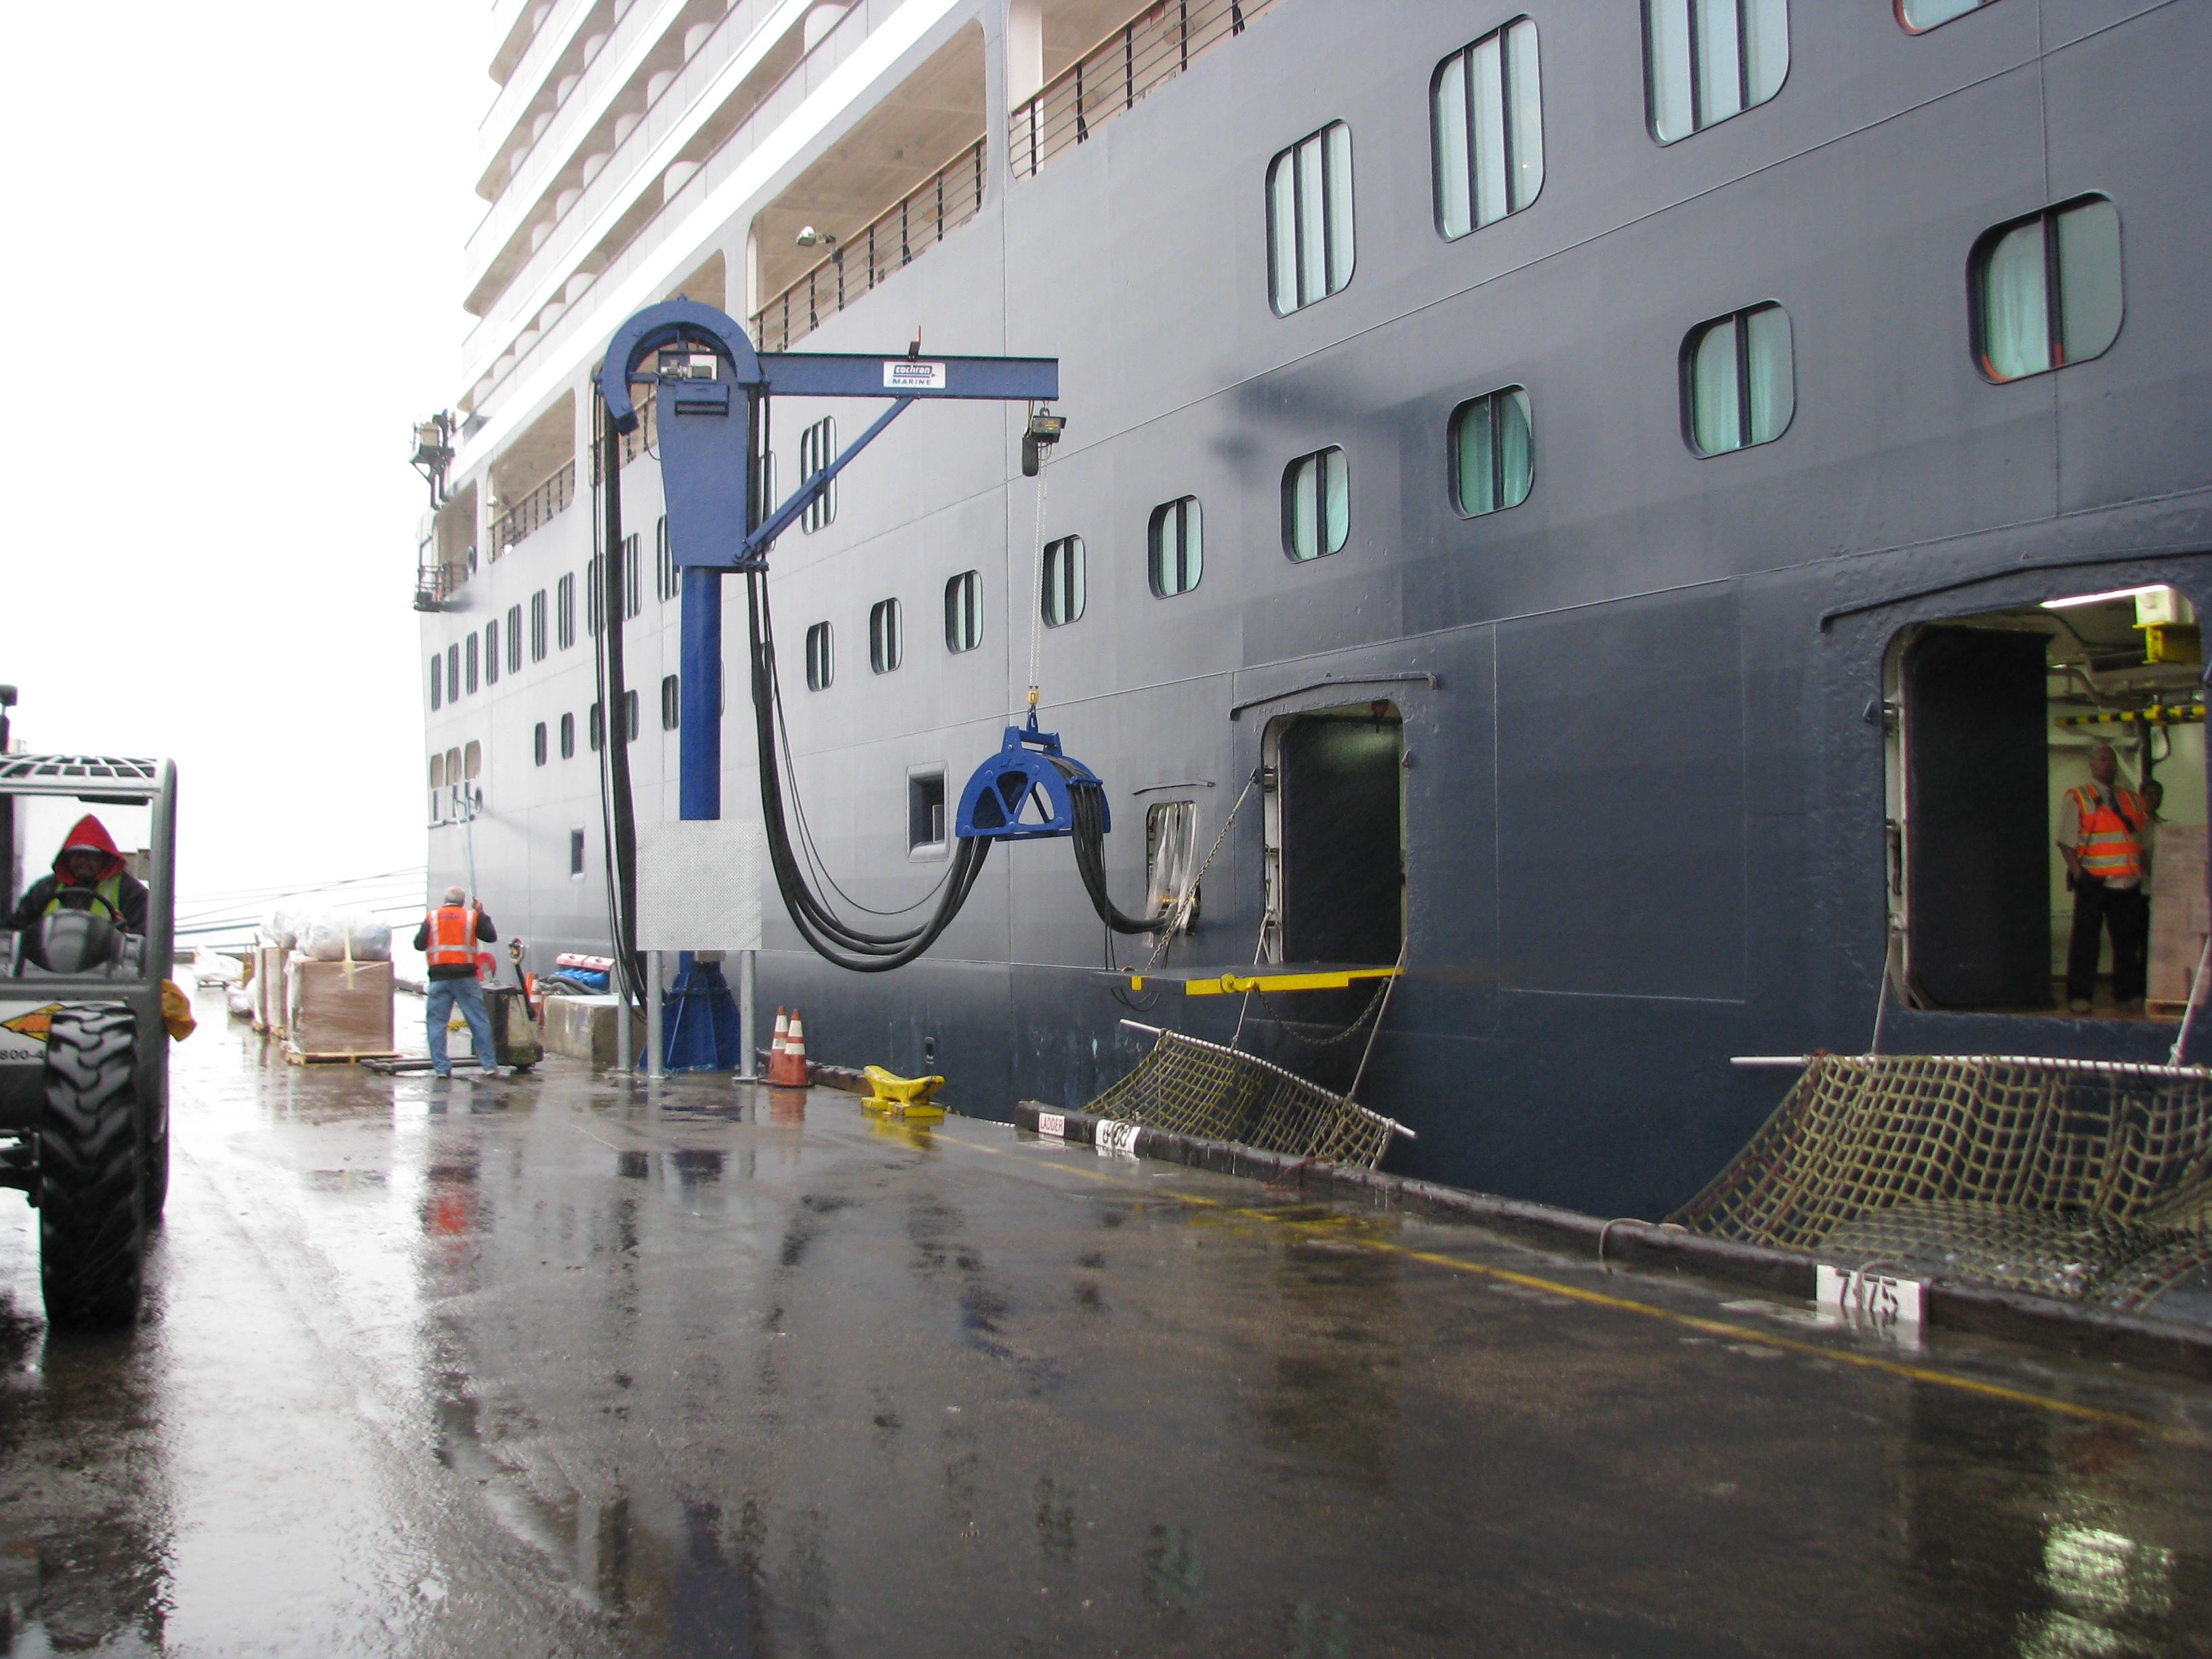 Hier zien we walstroom in actie in San Diego: een kraan met stroomleidingen voert elektriciteit het schip in.